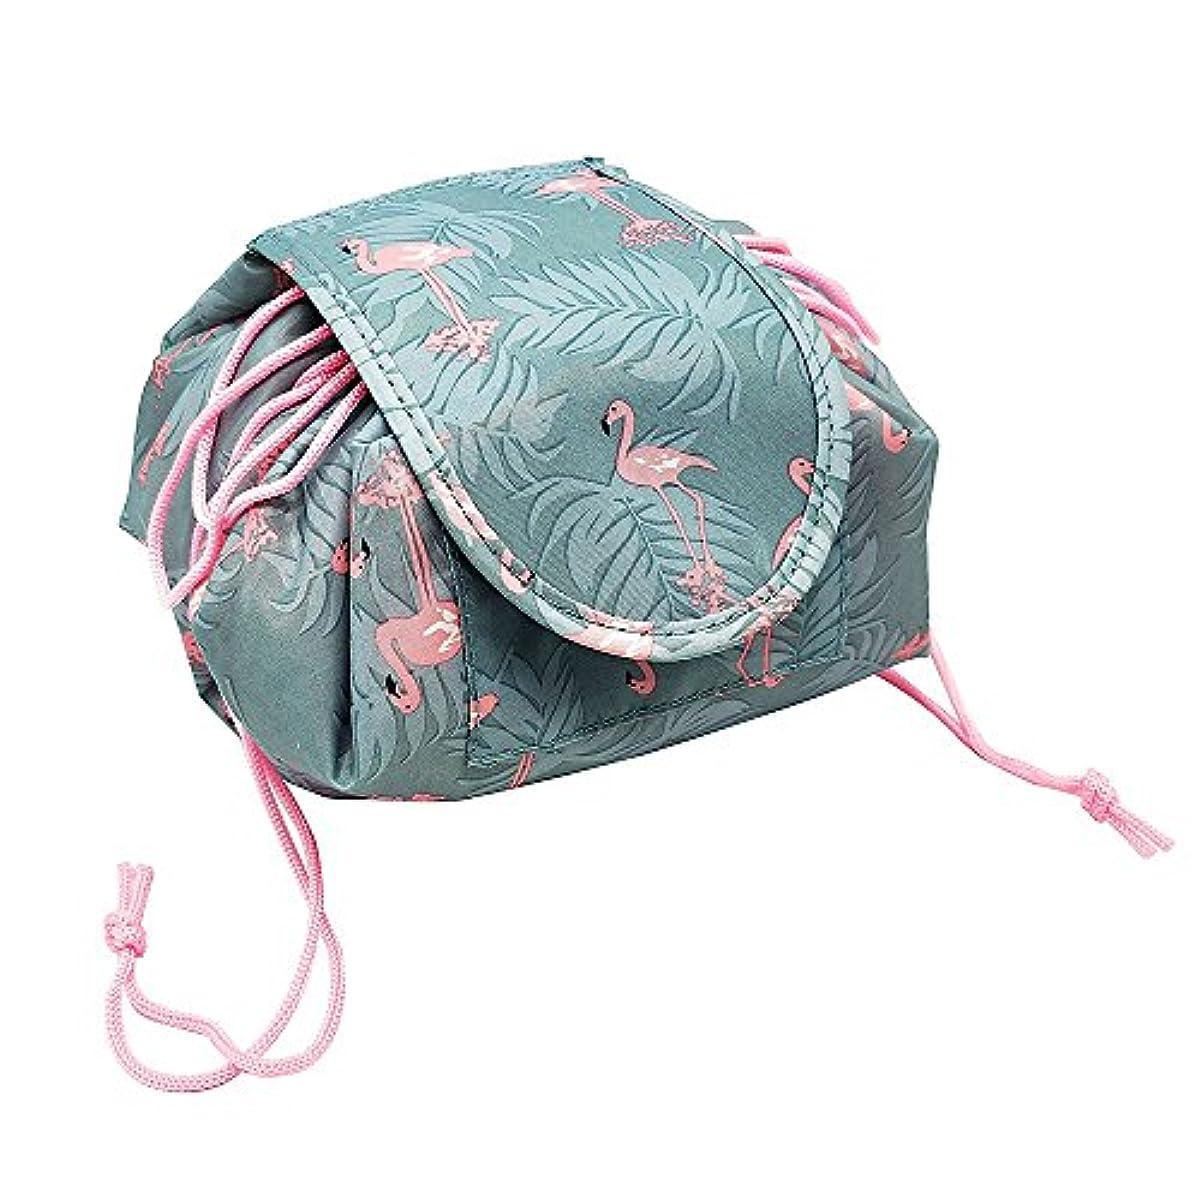 アコード徒歩で極めて重要なYOE(ヨイ) 化粧ポーチ 巾着型 メイクポーチ 化粧品収納 ボックス メイクバッグ コスメ収納 ポーチ レディース (フリーサイズ, フラミンゴ)